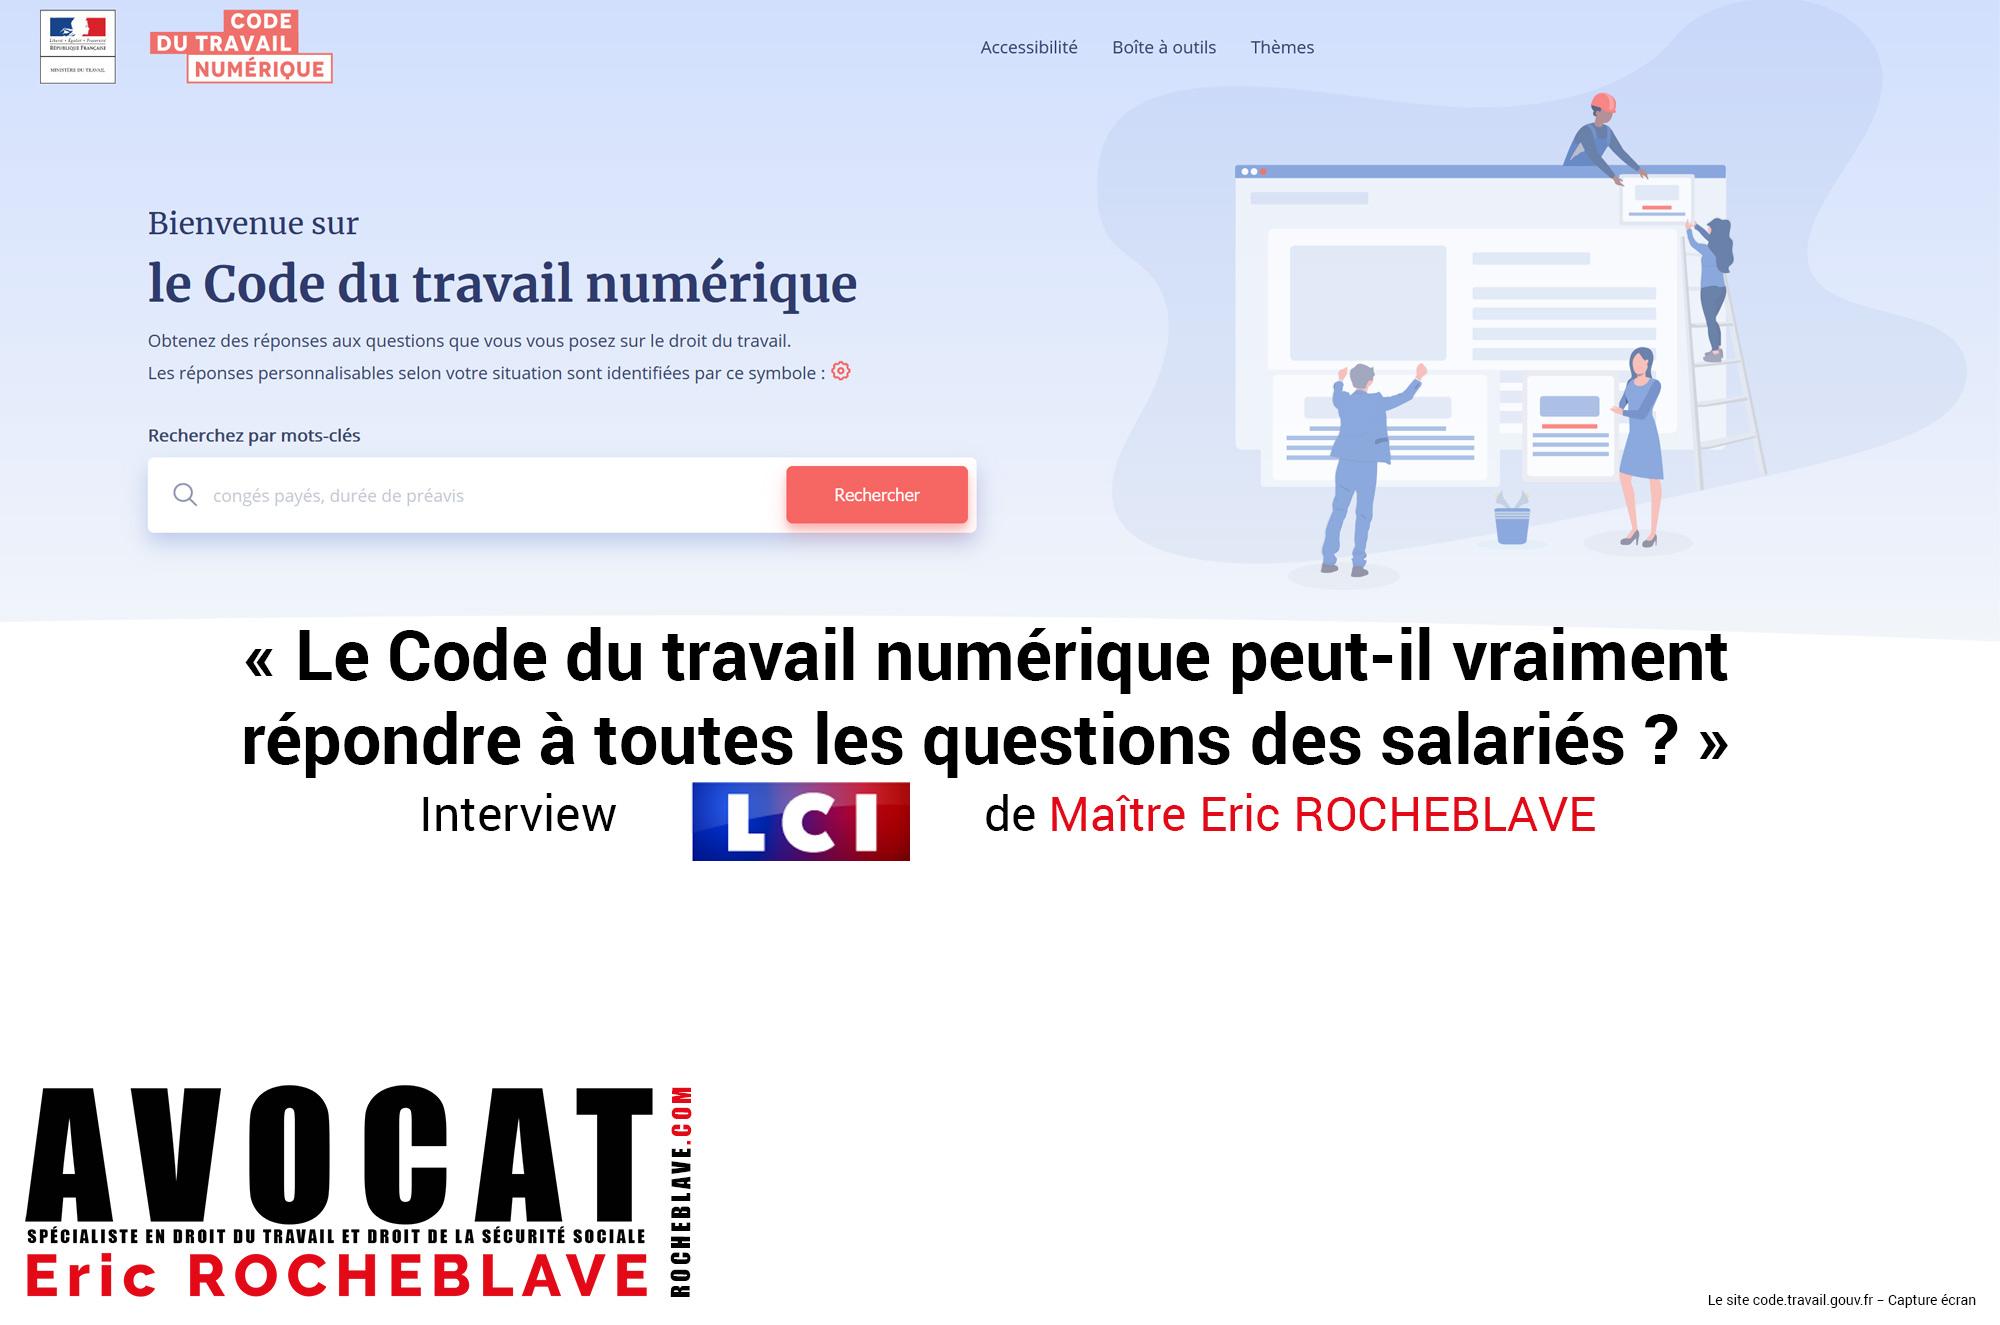 « Le Code du travail numérique peut-il vraiment répondre à toutes les questions des salariés ? » Interview LCI de Maître Eric ROCHEBLAVE